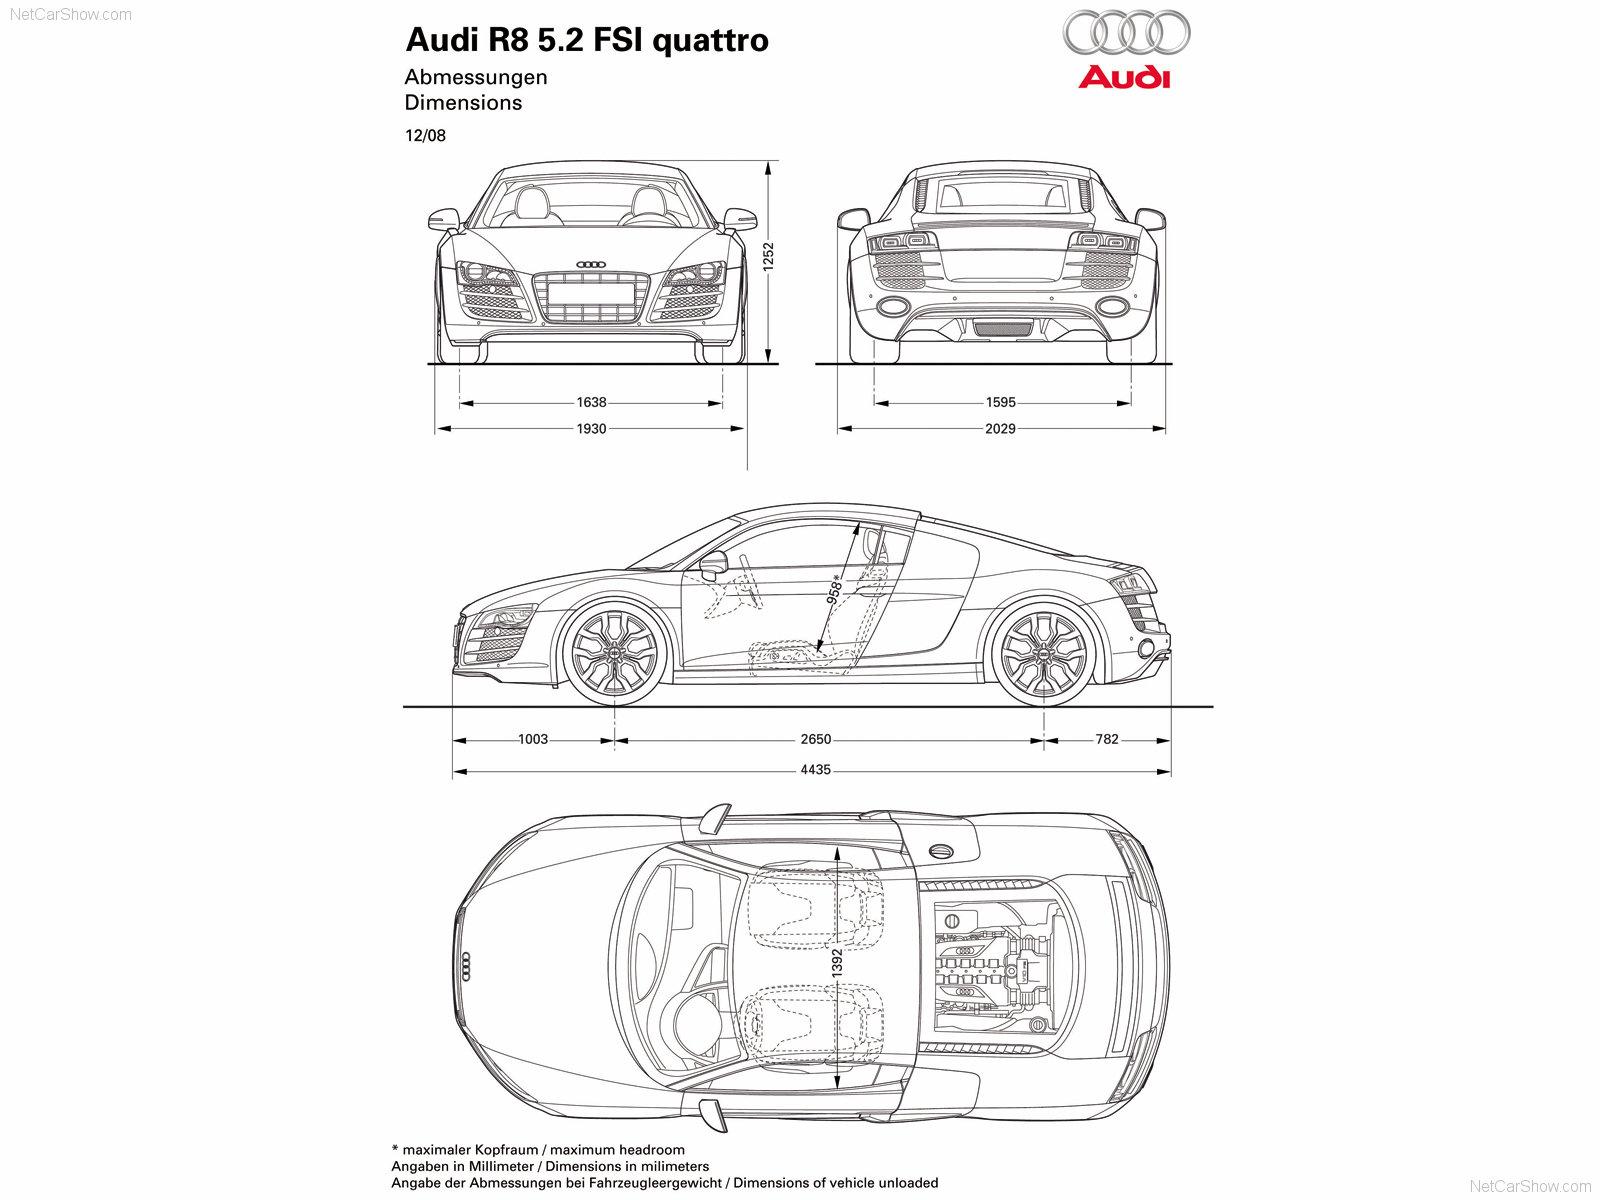 Car Amp Bike Reviews Audi R8 V10 5 2 Fsi Quattro